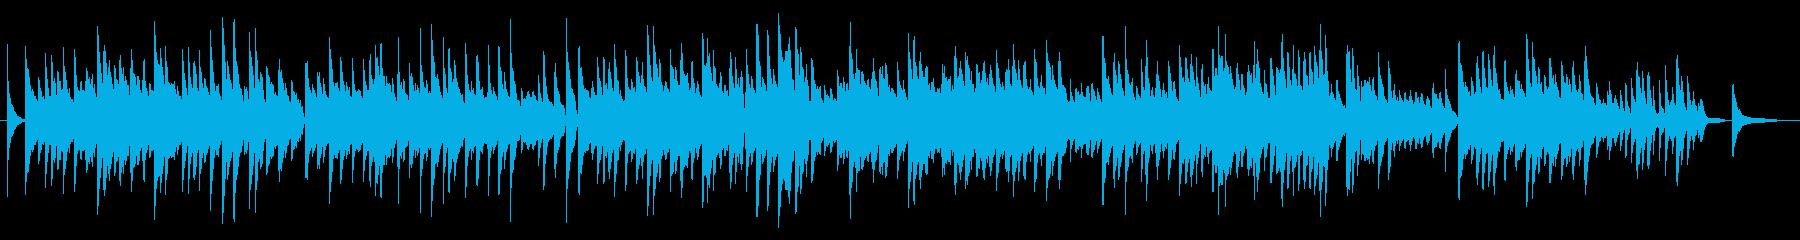 ロマンチックなピアノ曲の再生済みの波形